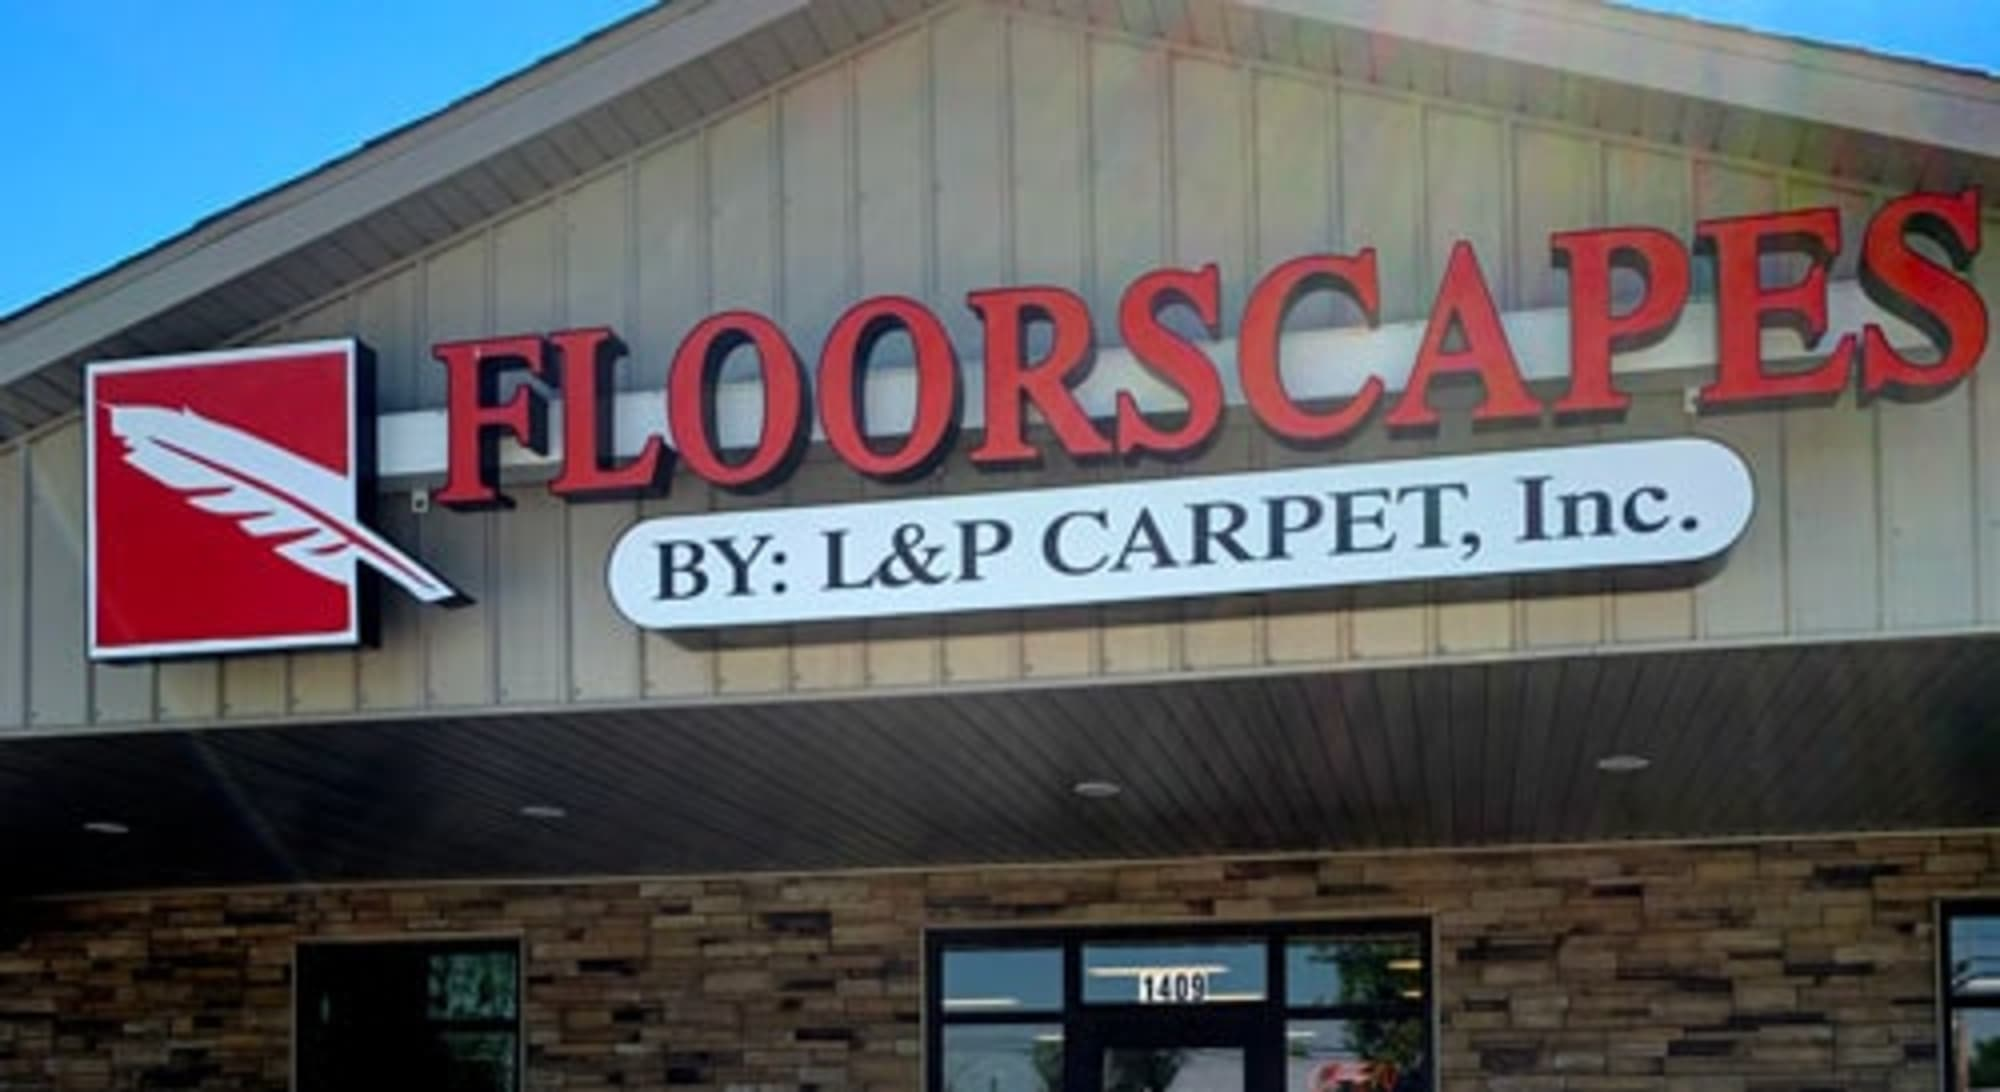 Floorscapes  - 1409 N Carbon St Marion, IL 62959